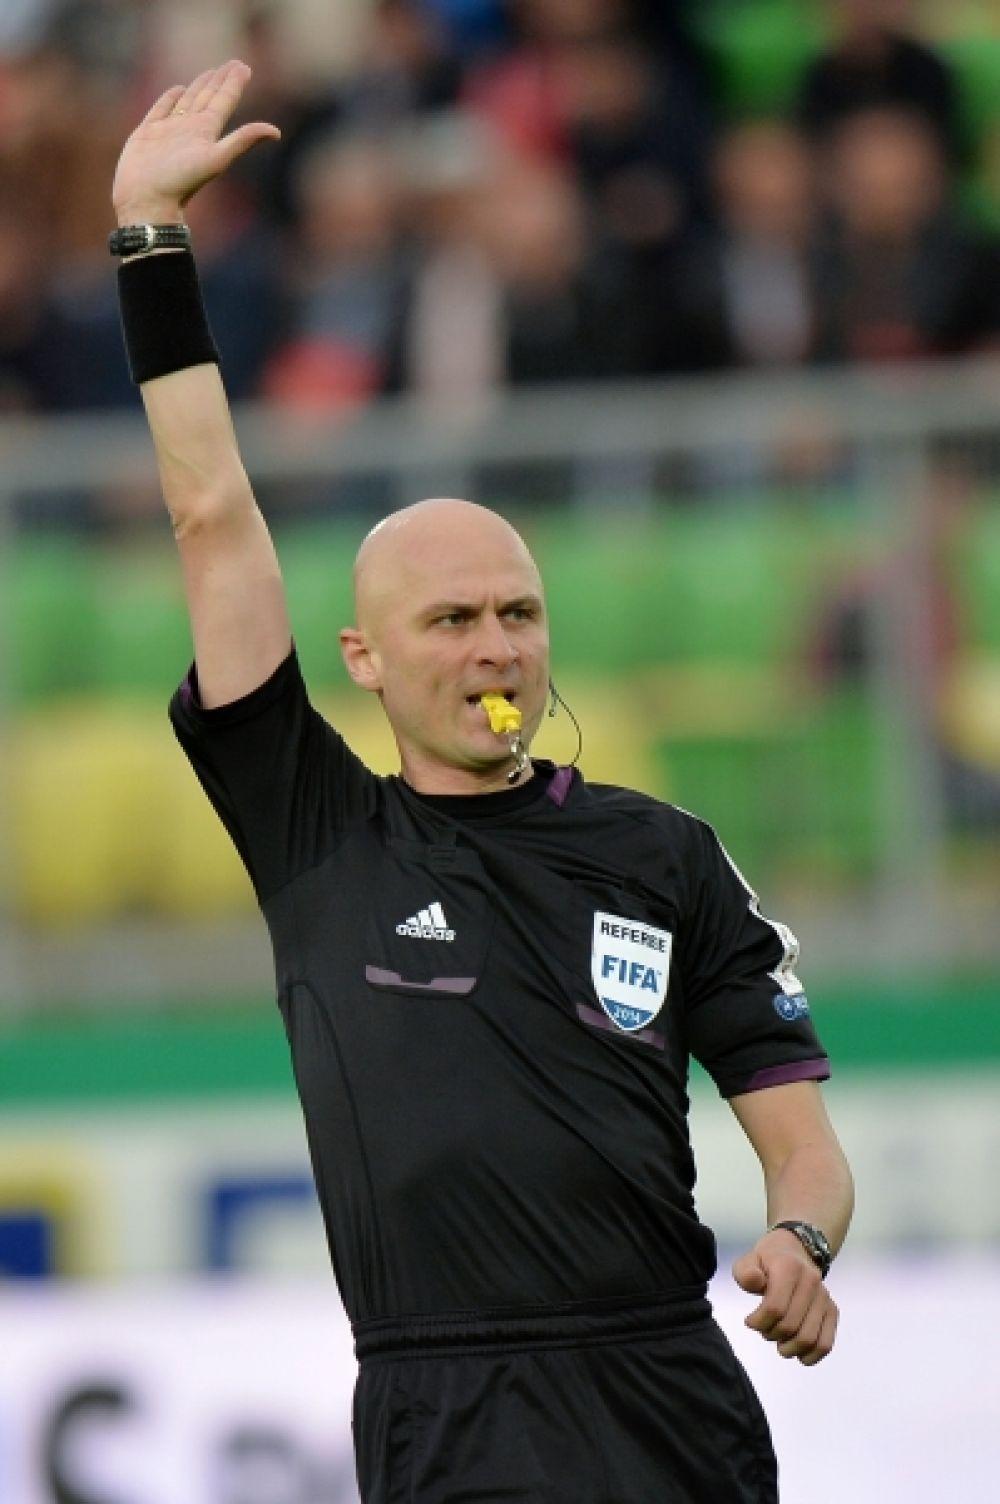 Судил поединок рефери Сергей Карасёв. В общей сложности он раздал восемь жёлтых карточек и удалил с поля двух игроков.